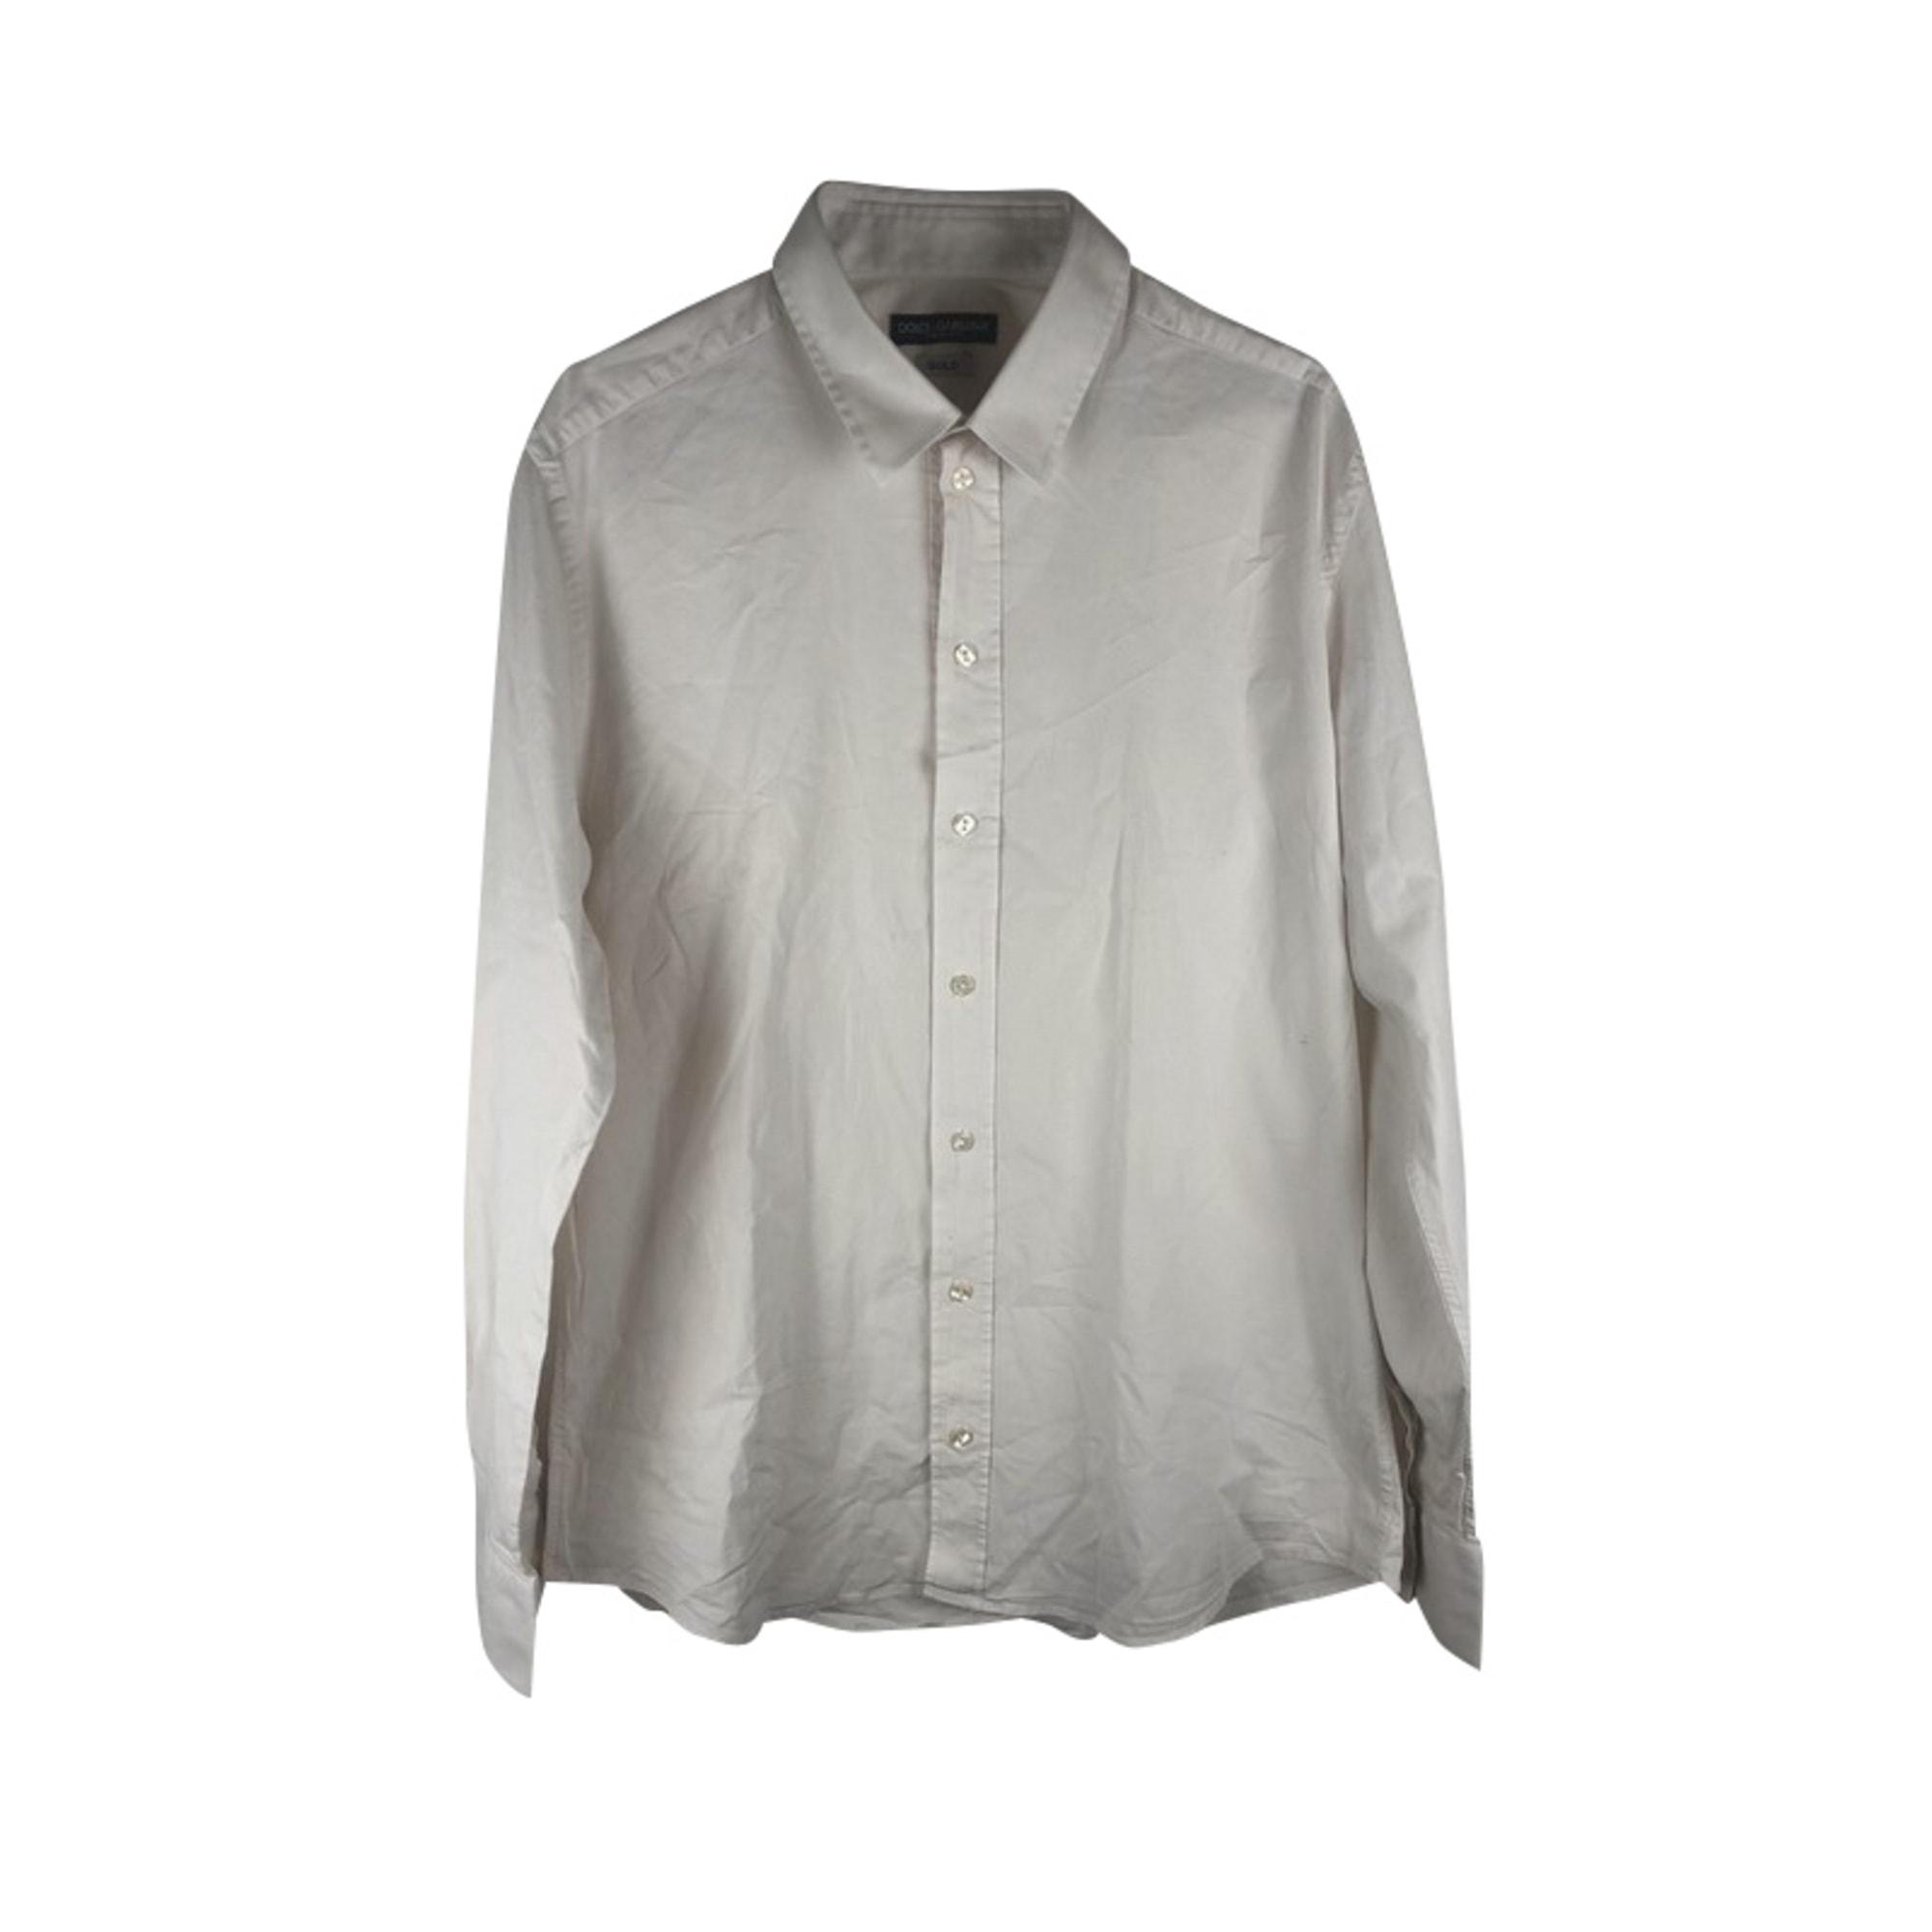 Shirt DOLCE & GABBANA White, off-white, ecru